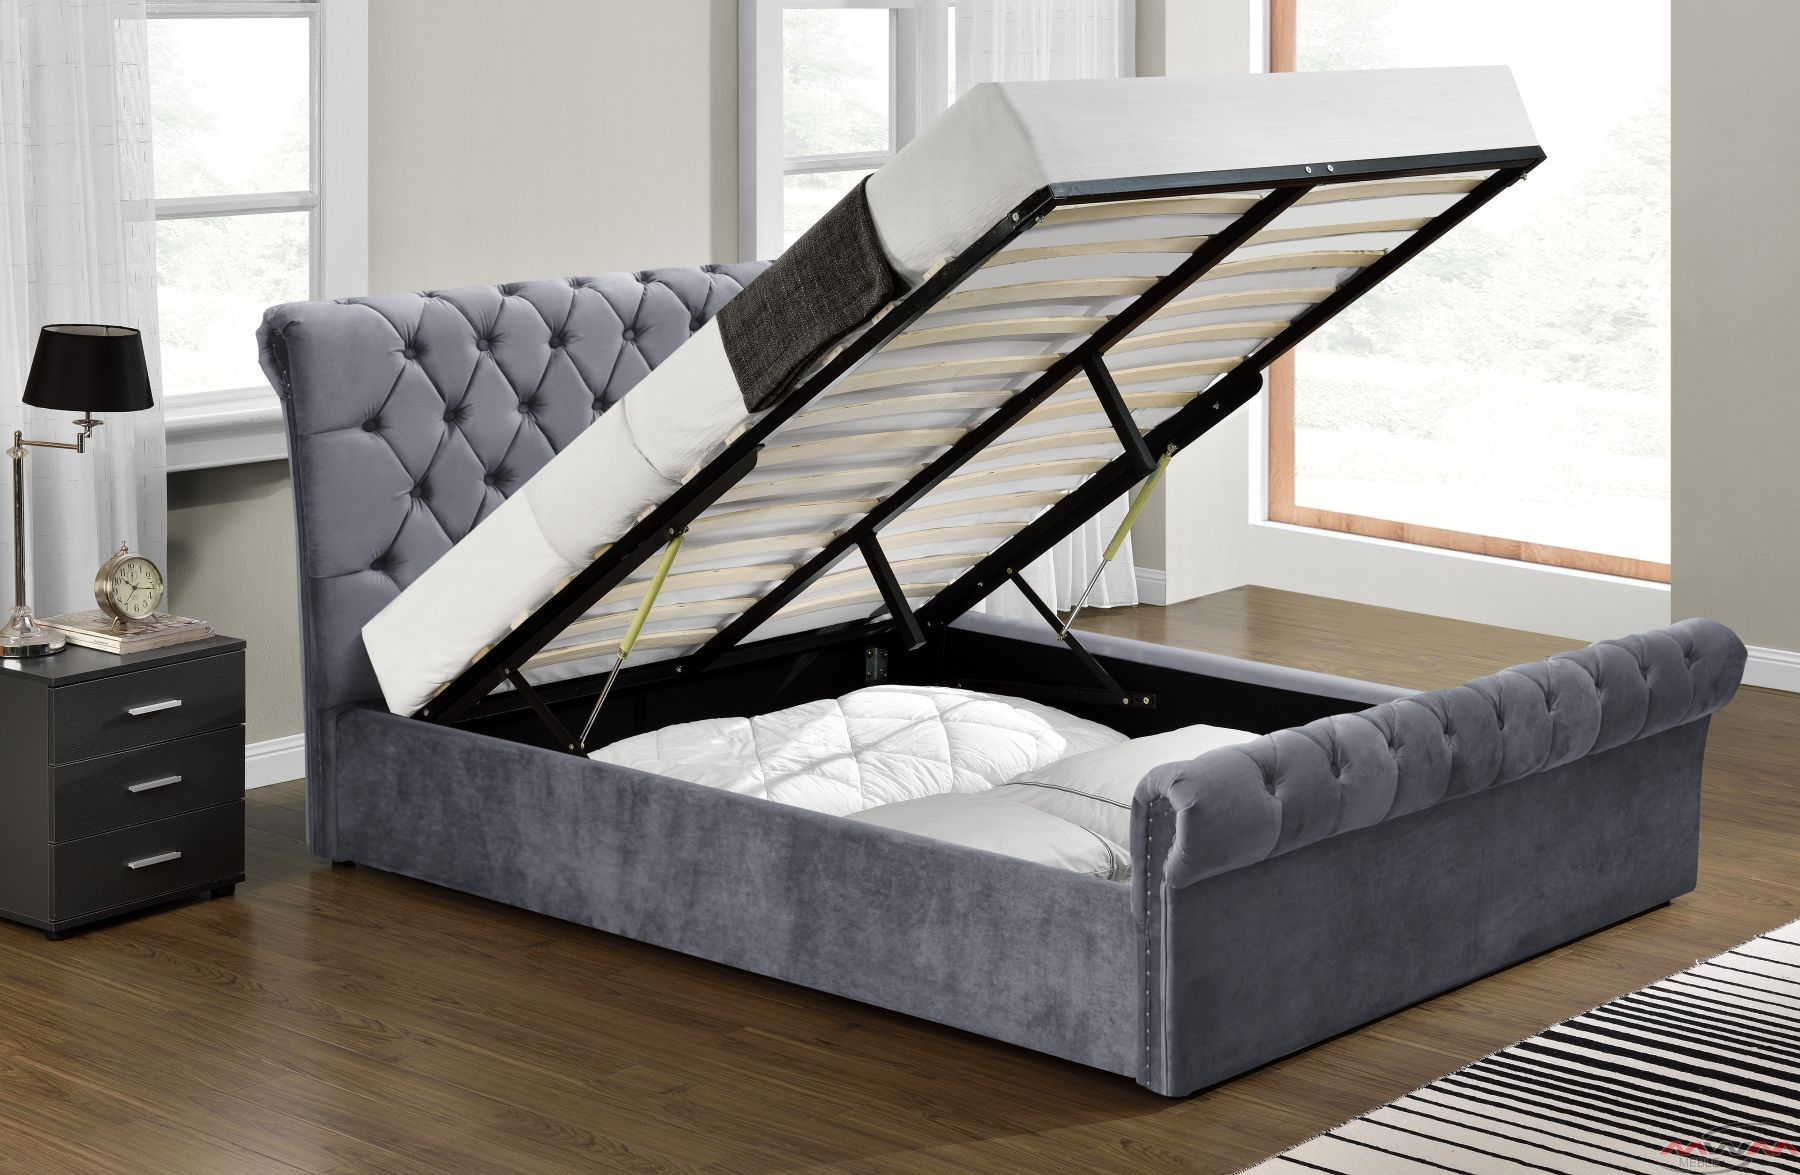 łóżko Tapicerowane Do Sypialni 160x200 1298g Welur